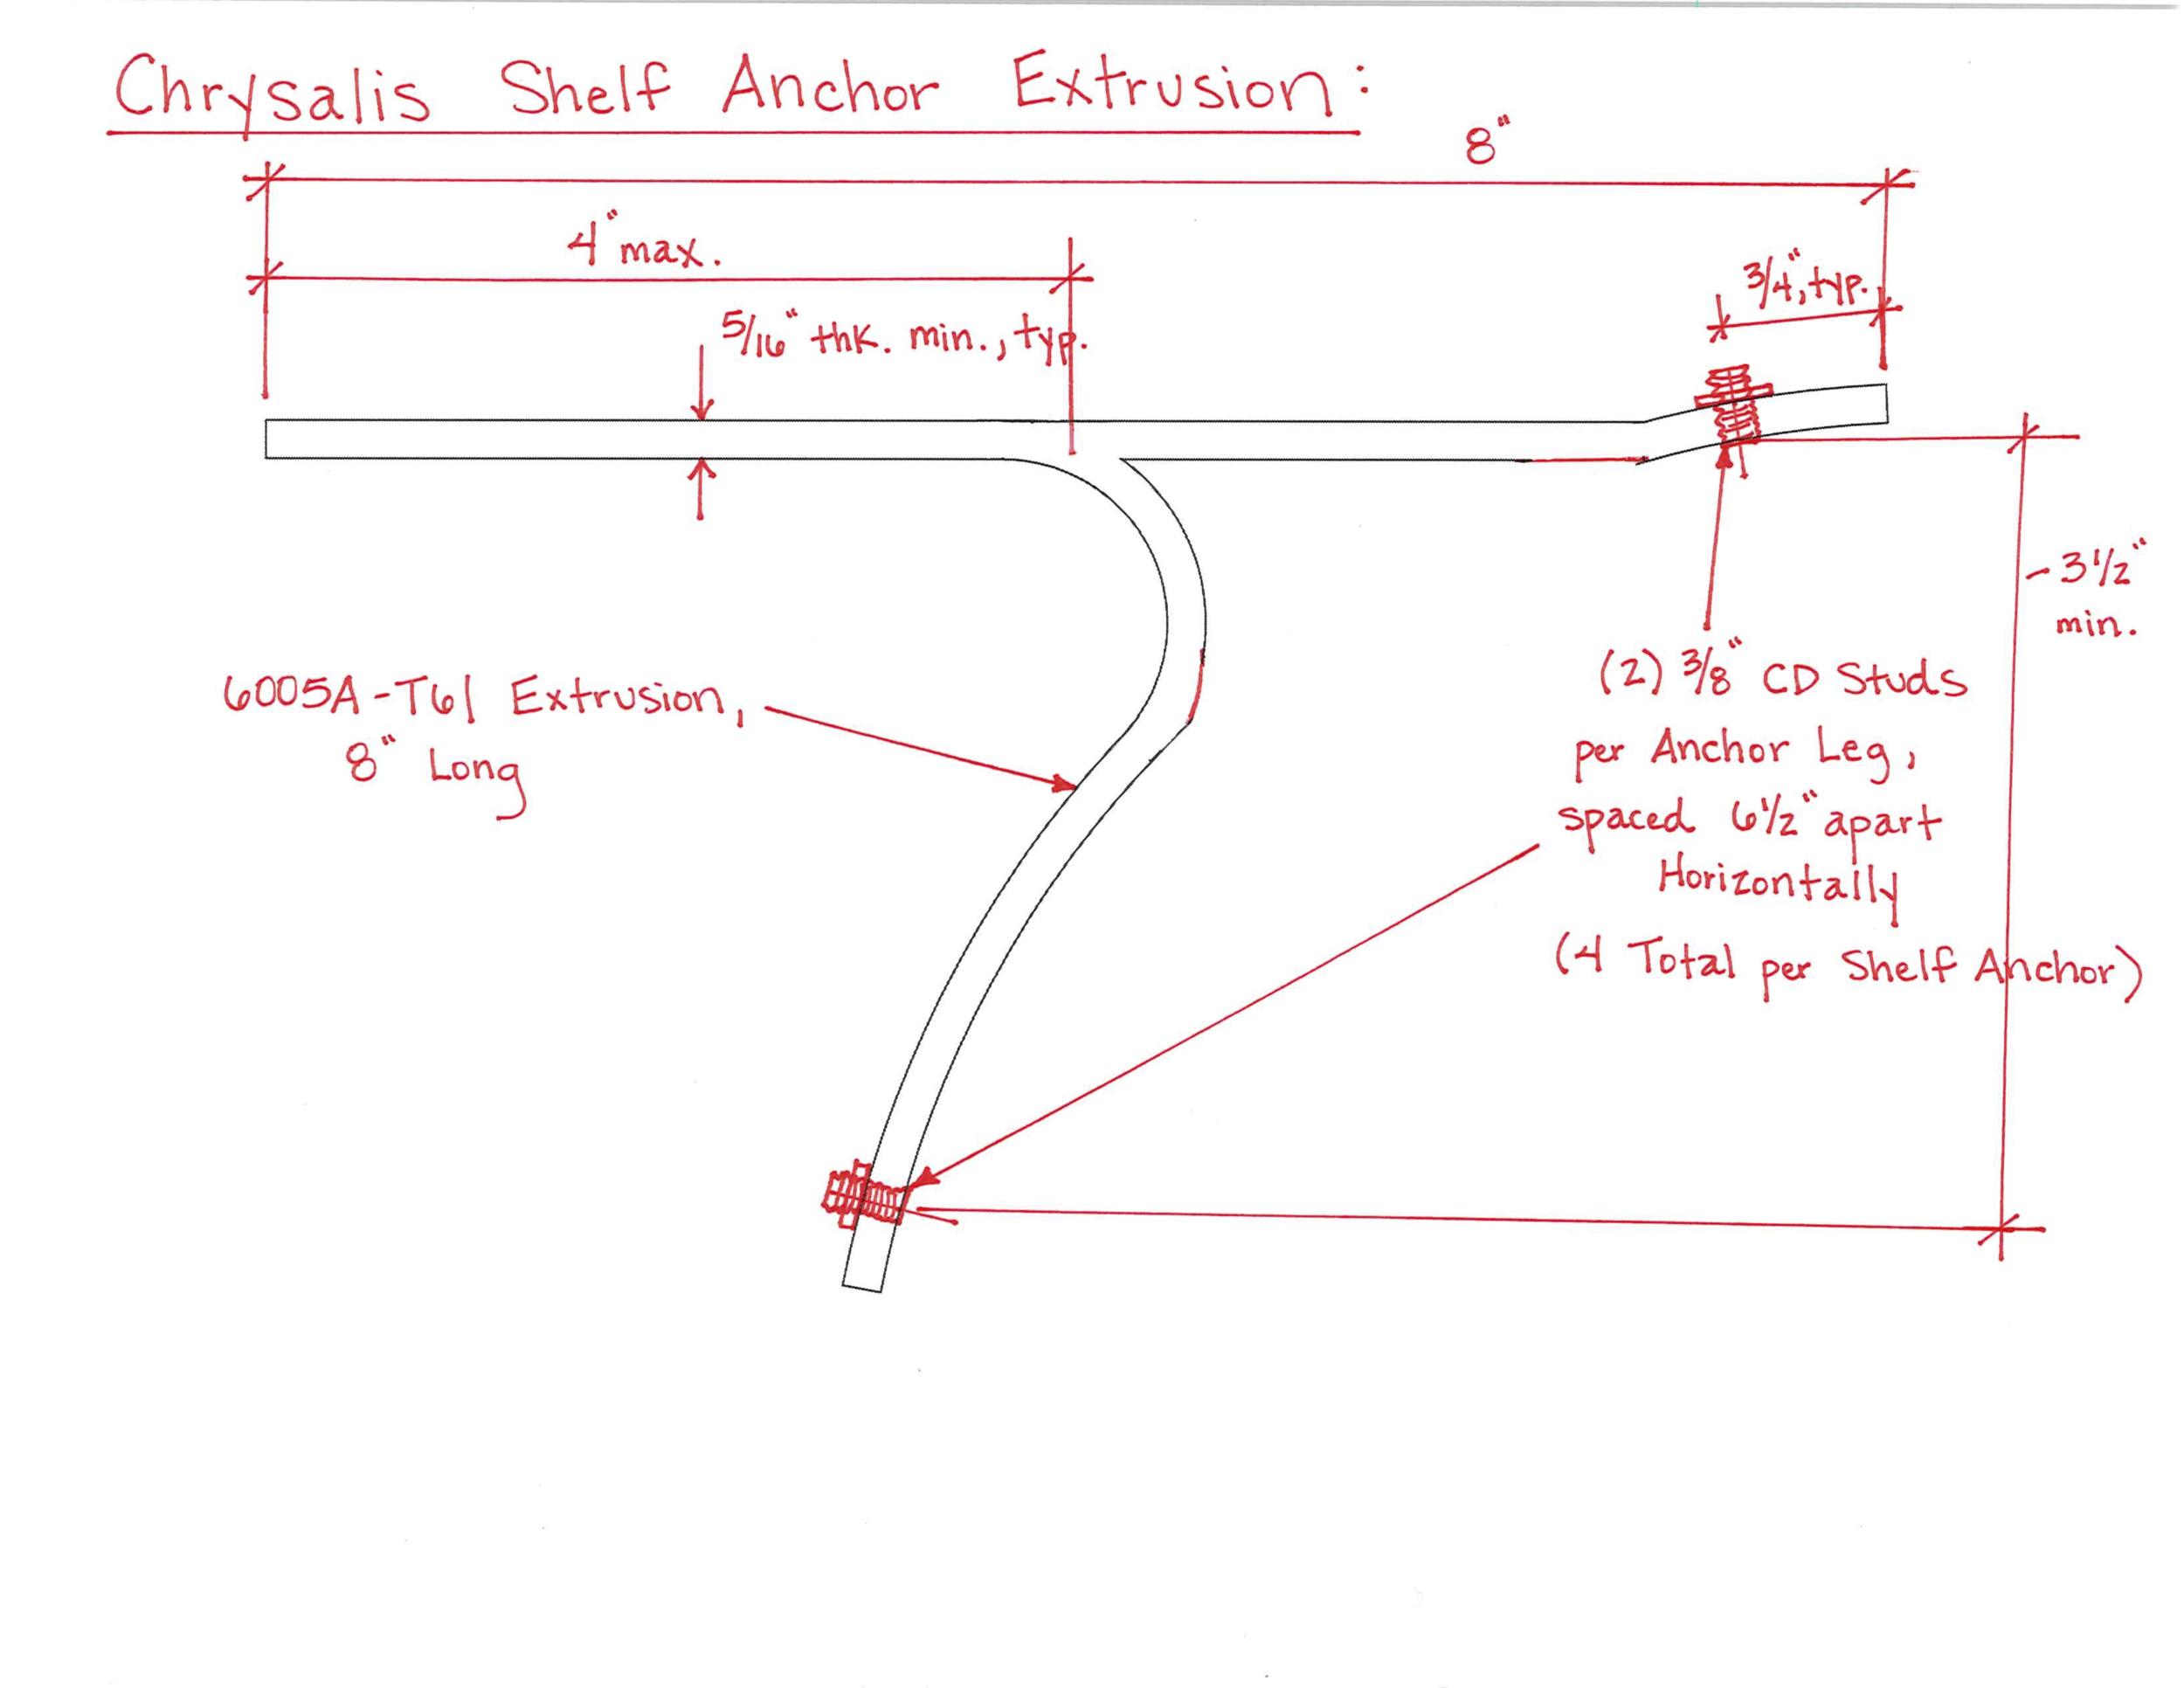 Chrysalis Shelf Anchor - Struct. Req'mts (12-30-15).png